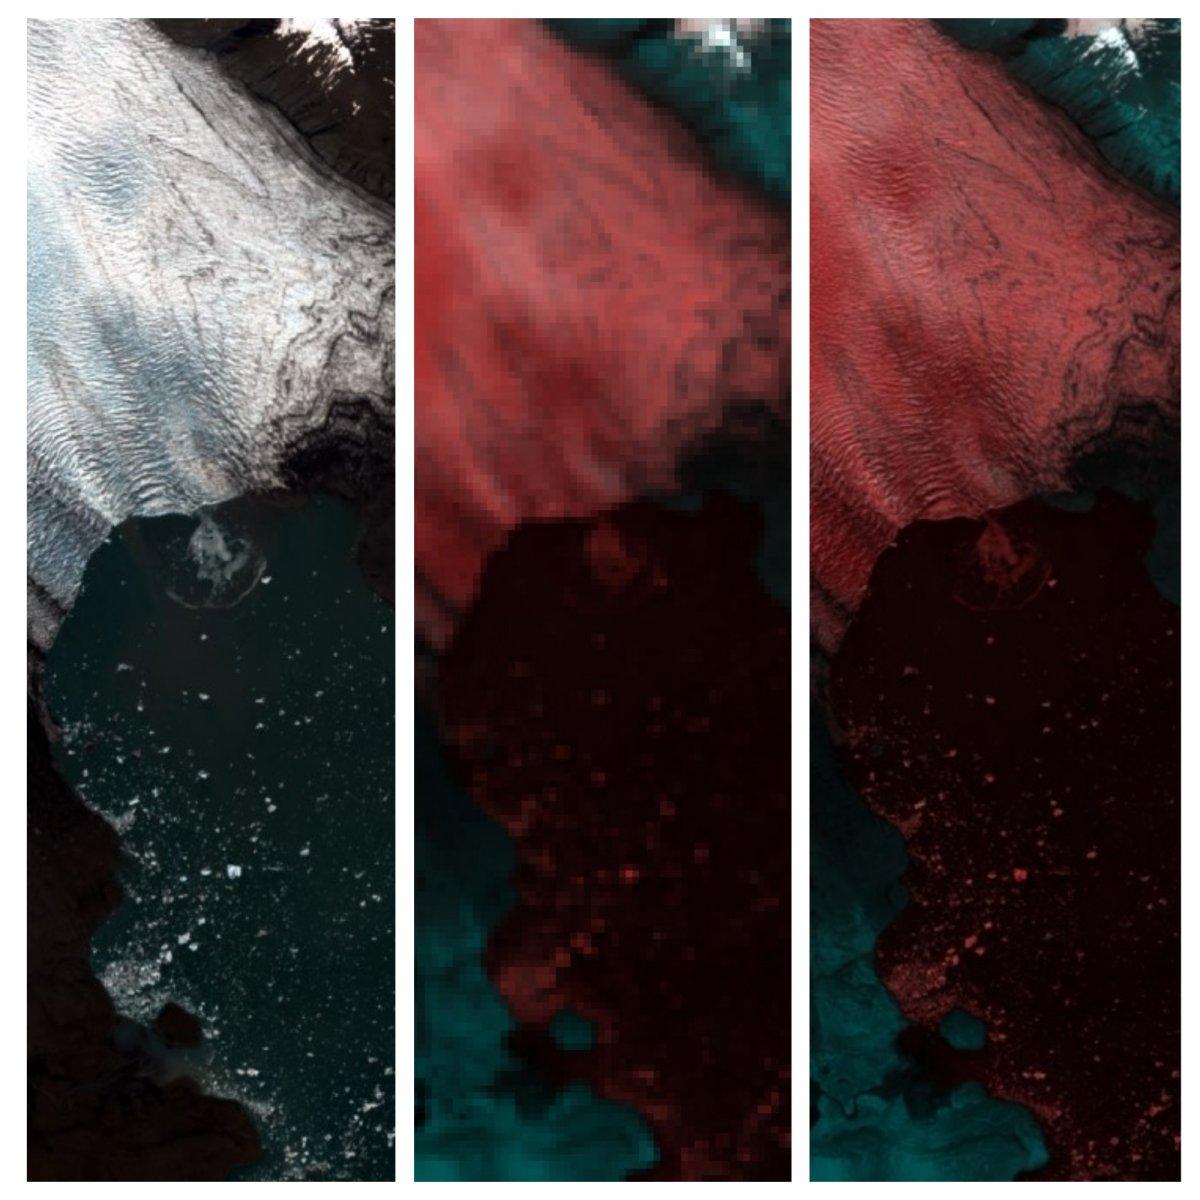 Myndin var tekin af Sentinel-2B þann  22. apríl síðastliðinn og sýnir kelfingu Breiðamerkursjökuls í  Jökulsárlóni. Frá vinstri: RGB litamynd (10 m), 60 m rásir, (c) skerpt ar 60m rásir (10 m).